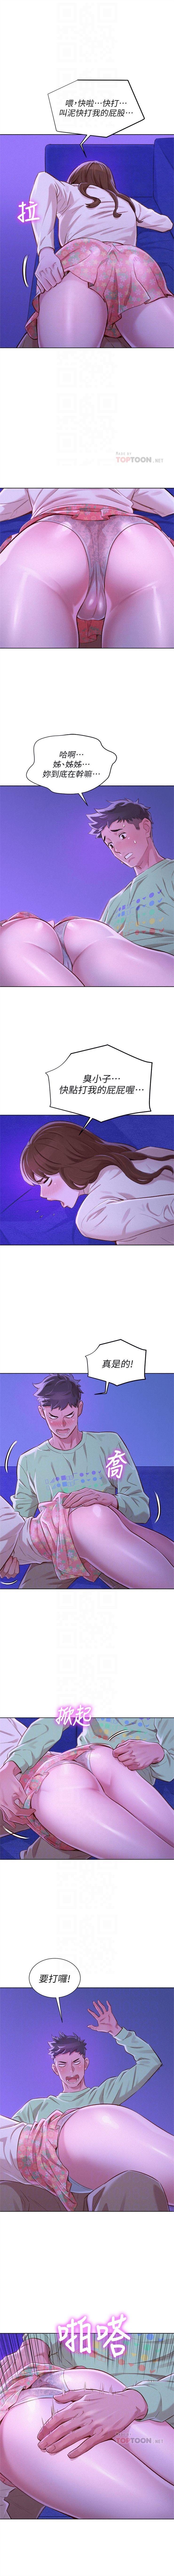 (週7)漂亮幹姐姐  1-92 中文翻譯 (更新中) 391